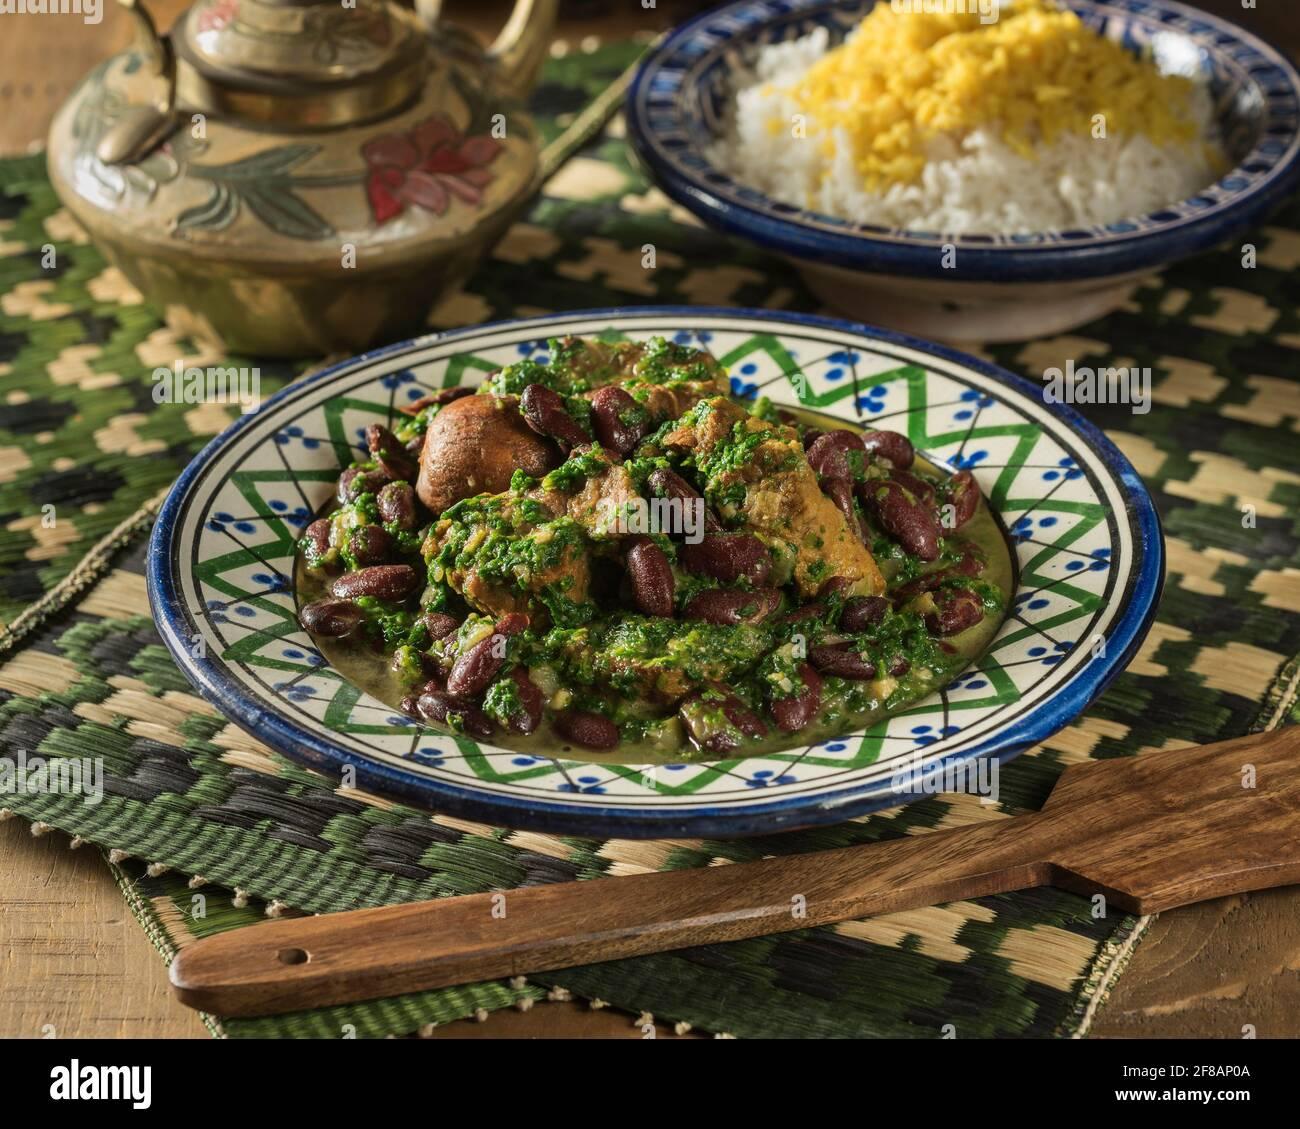 Khoresh ghormeh sabzi. Ragoût d'agneau et d'herbe iranien. Iran alimentation Banque D'Images